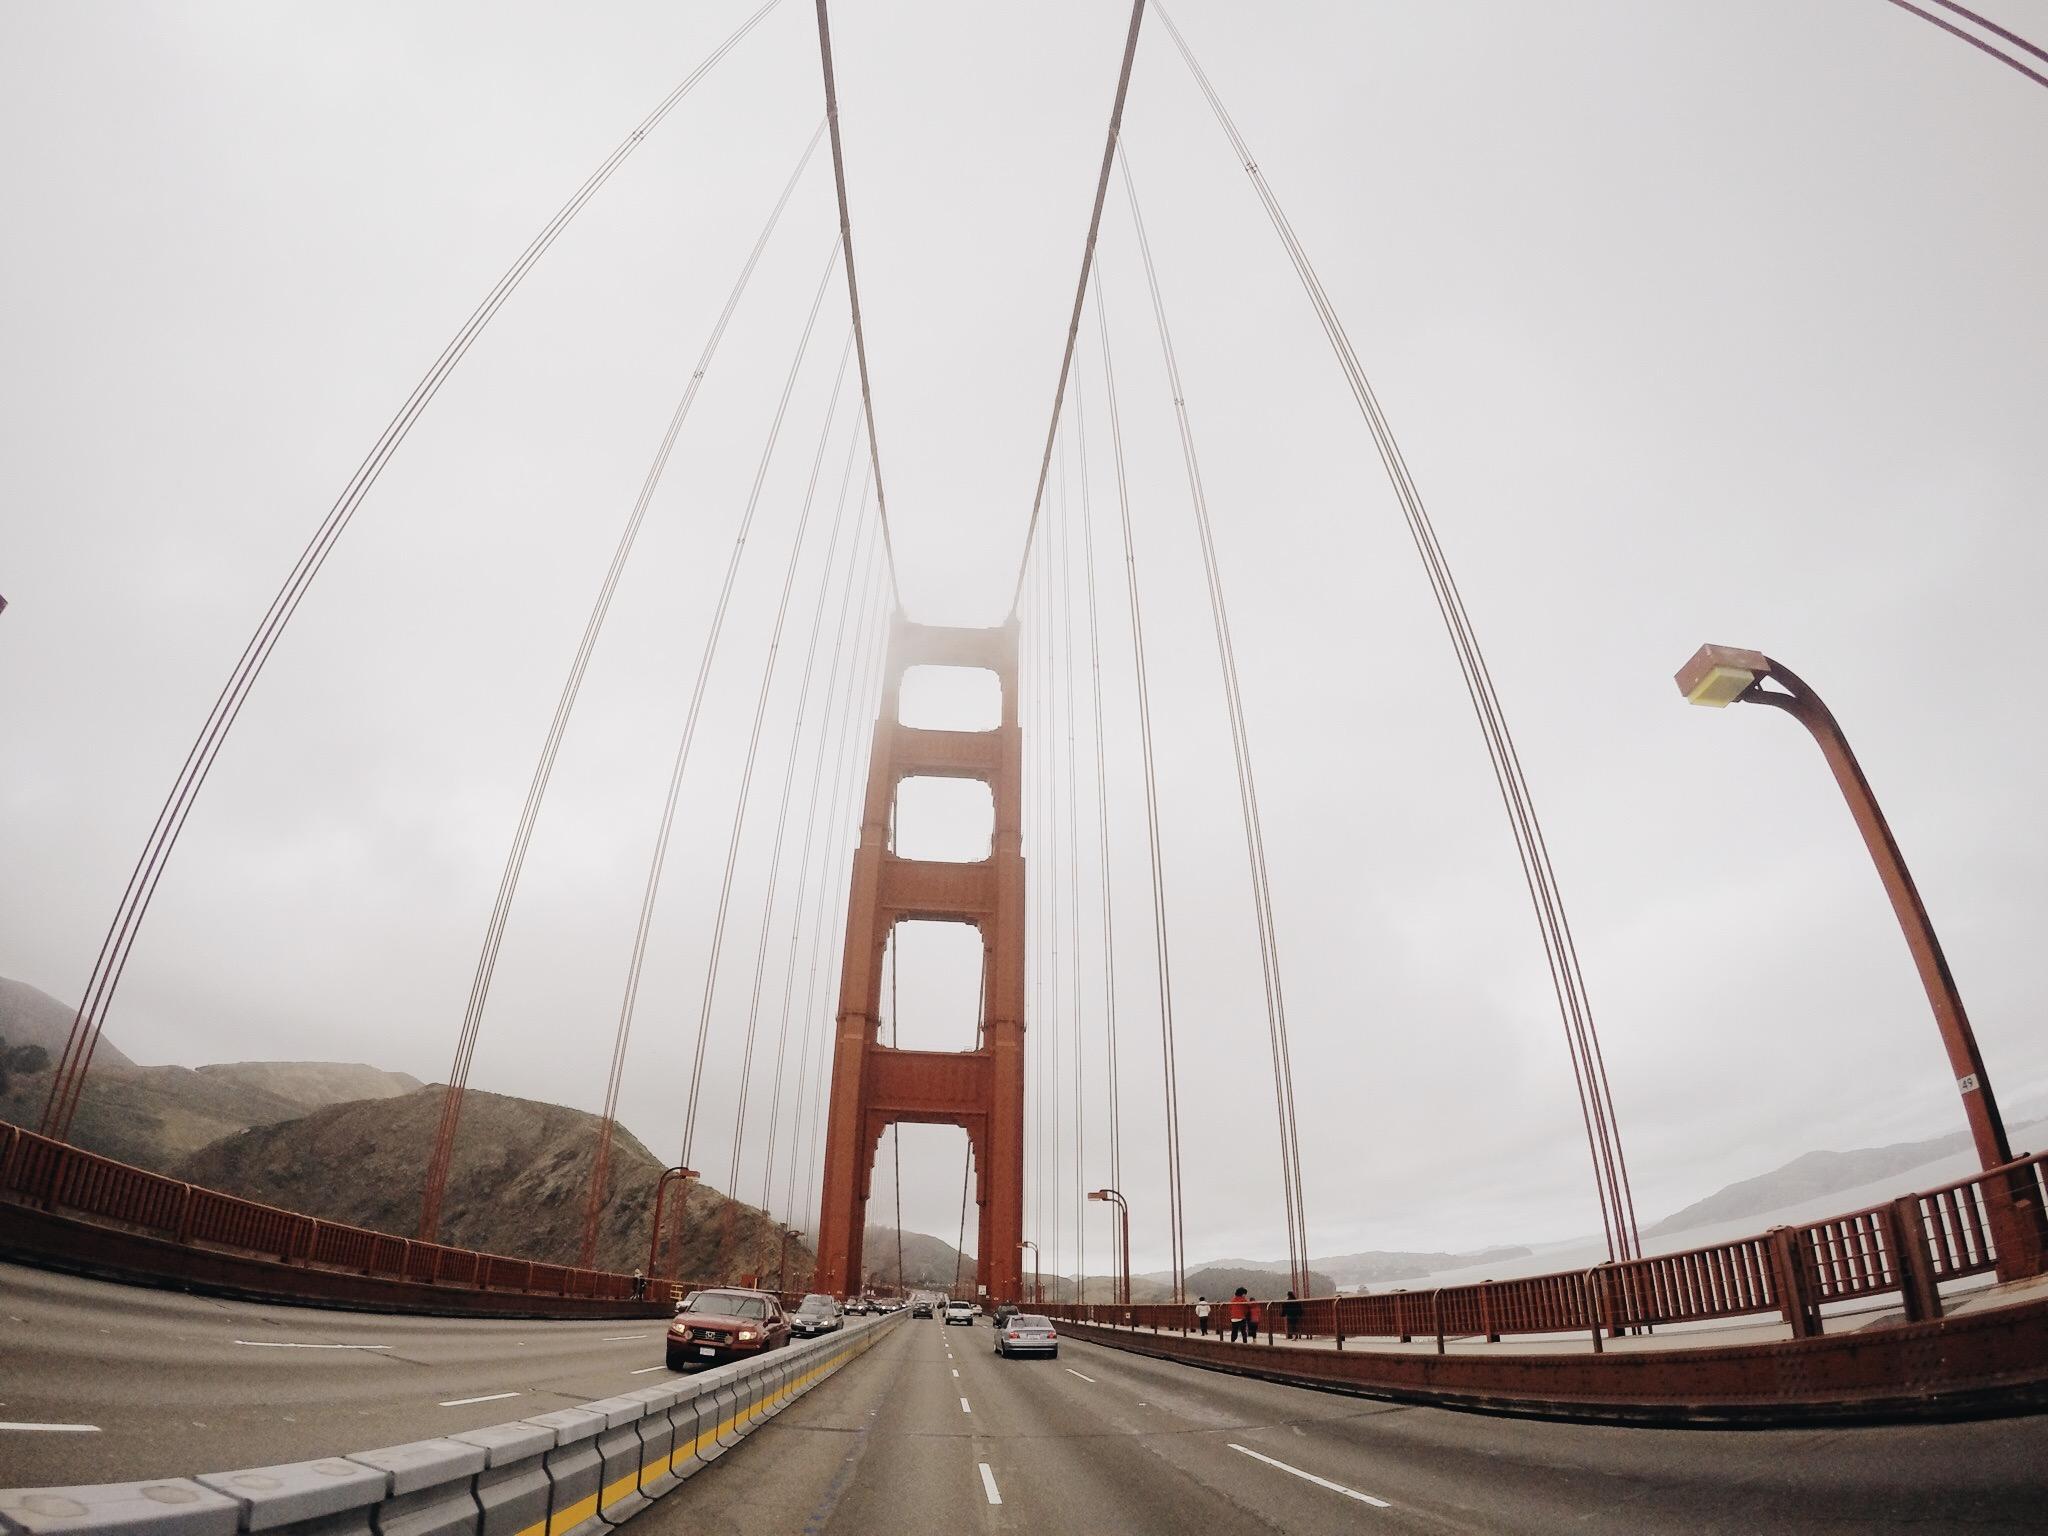 golden-gate-bridge-voiture-san-francisco-gopro.JPG